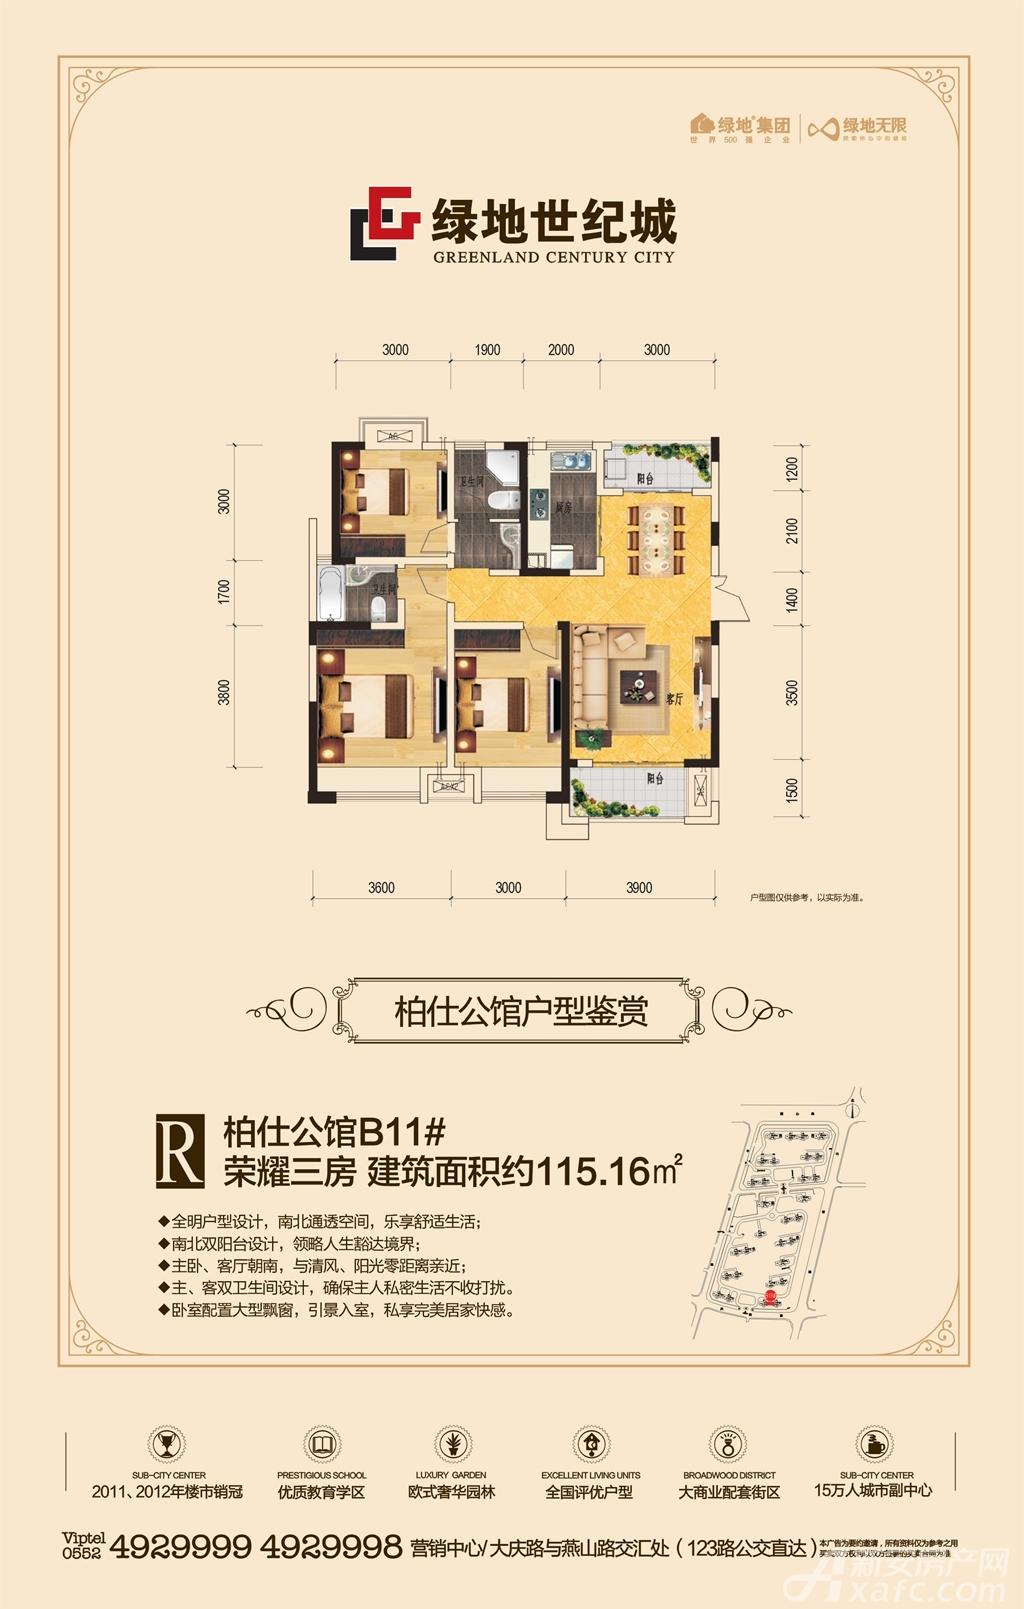 绿地世纪城绿地世纪城OB11#楼R户型3室2厅115.61平米